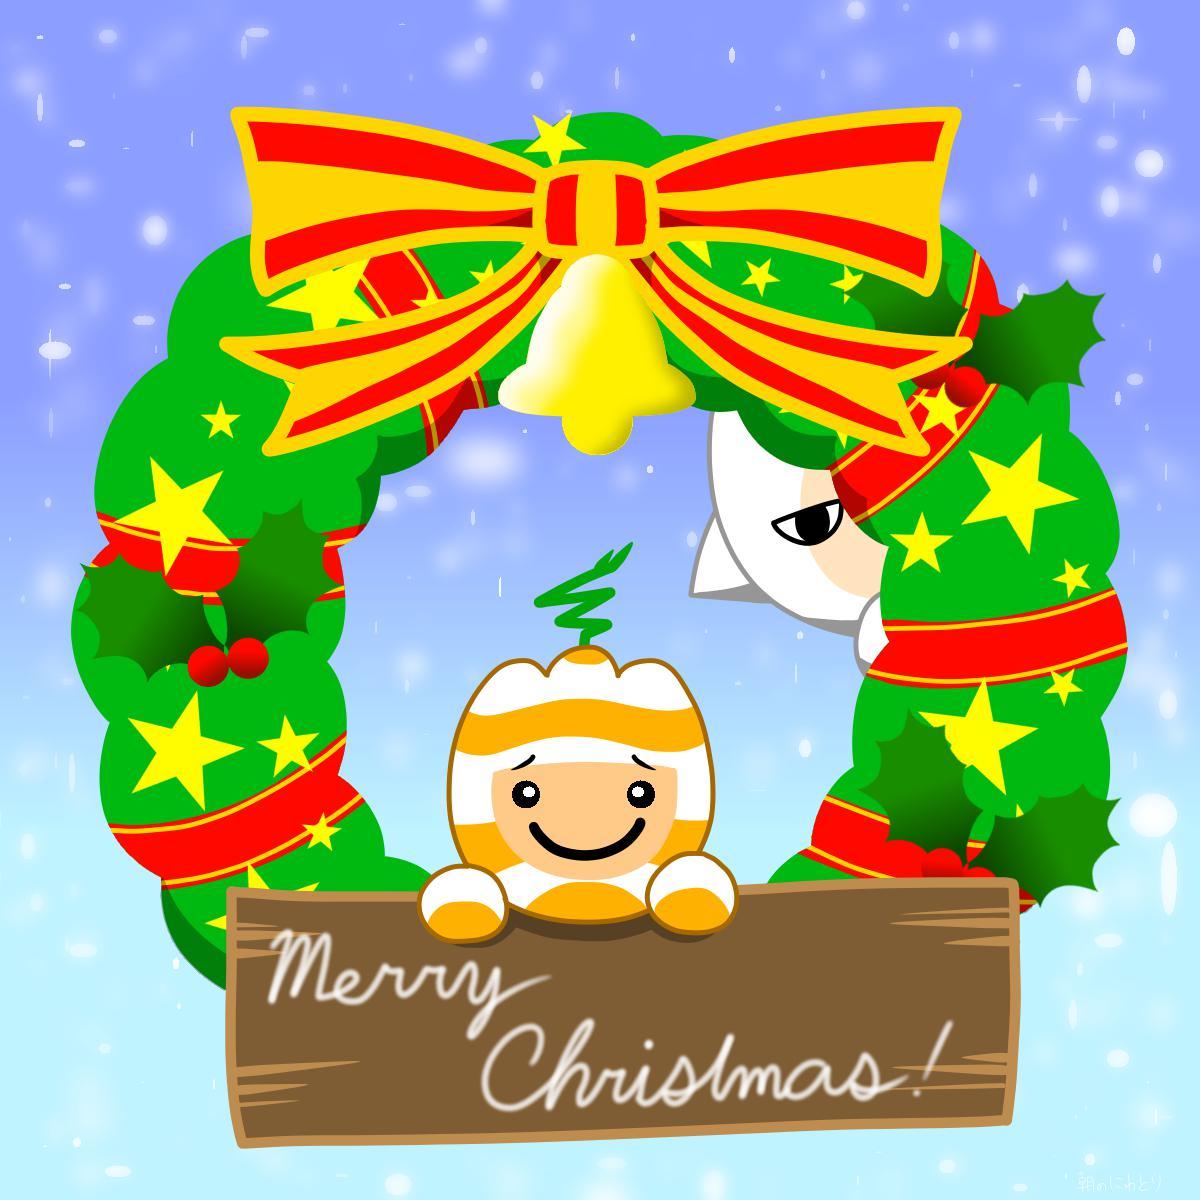 【電波人間のクリスマス2014】朝のにわとりさんのイラスト